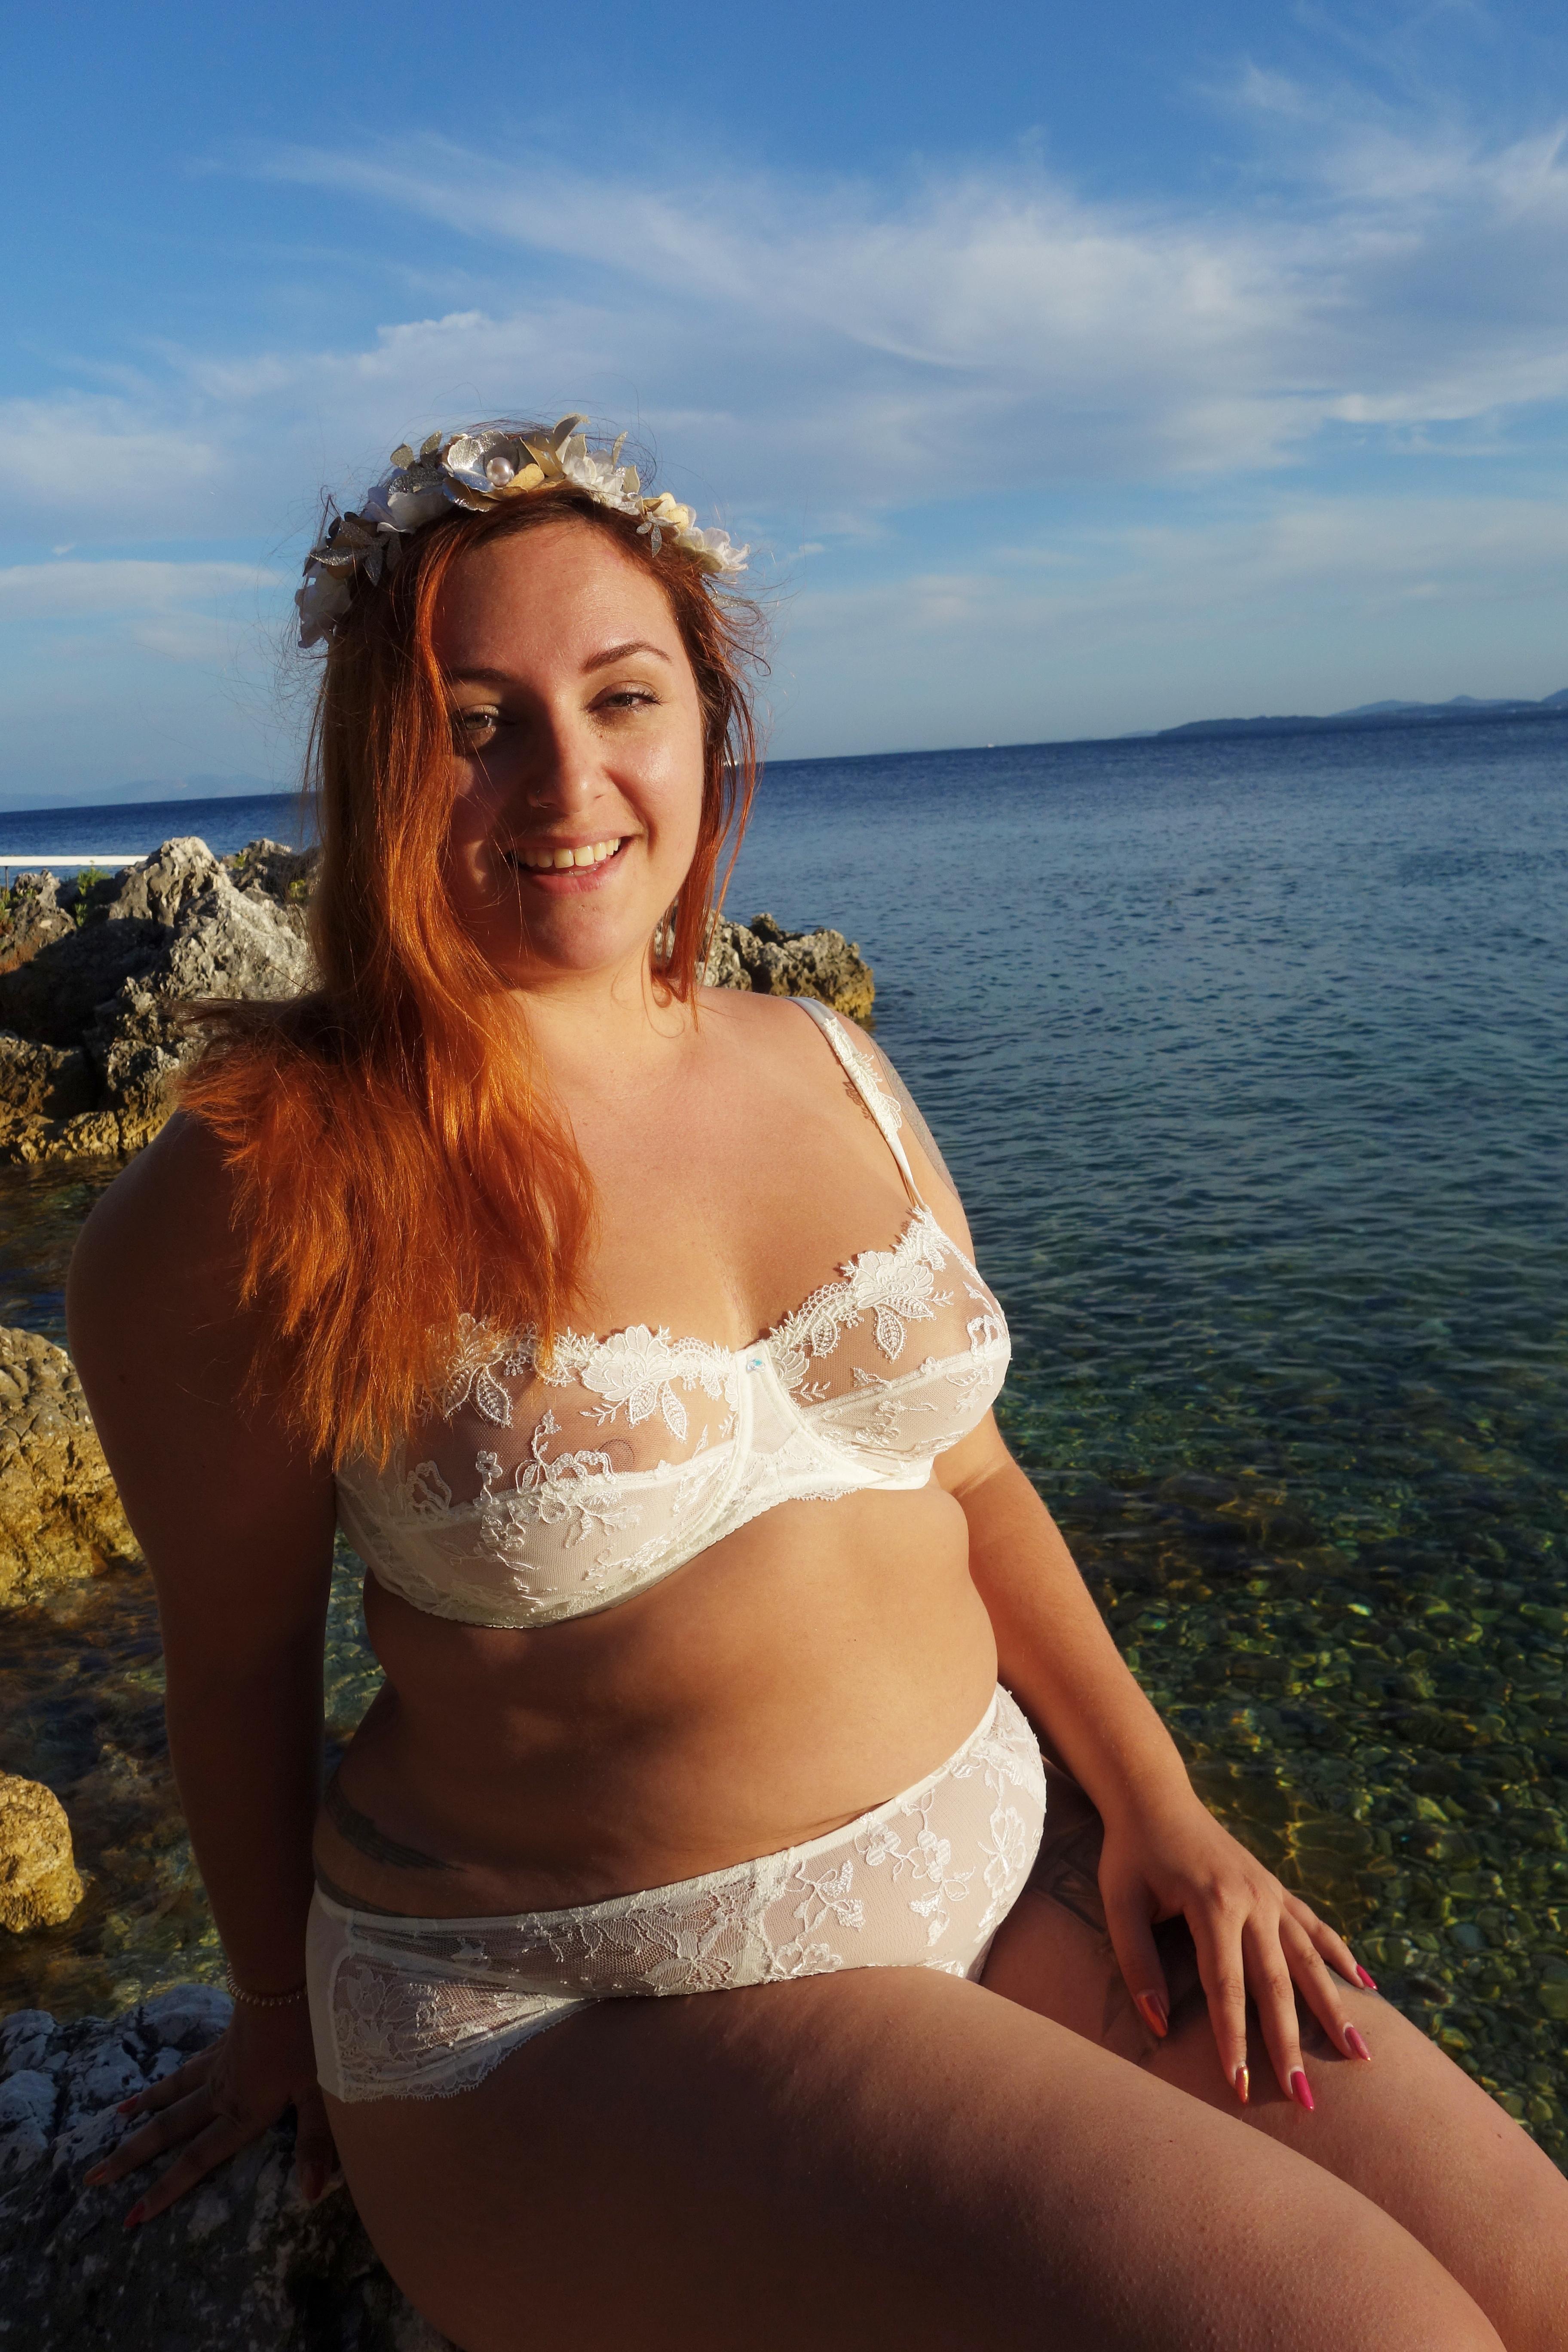 le-salon-de-frivolites-blog-lingerie-grande-taille-face1